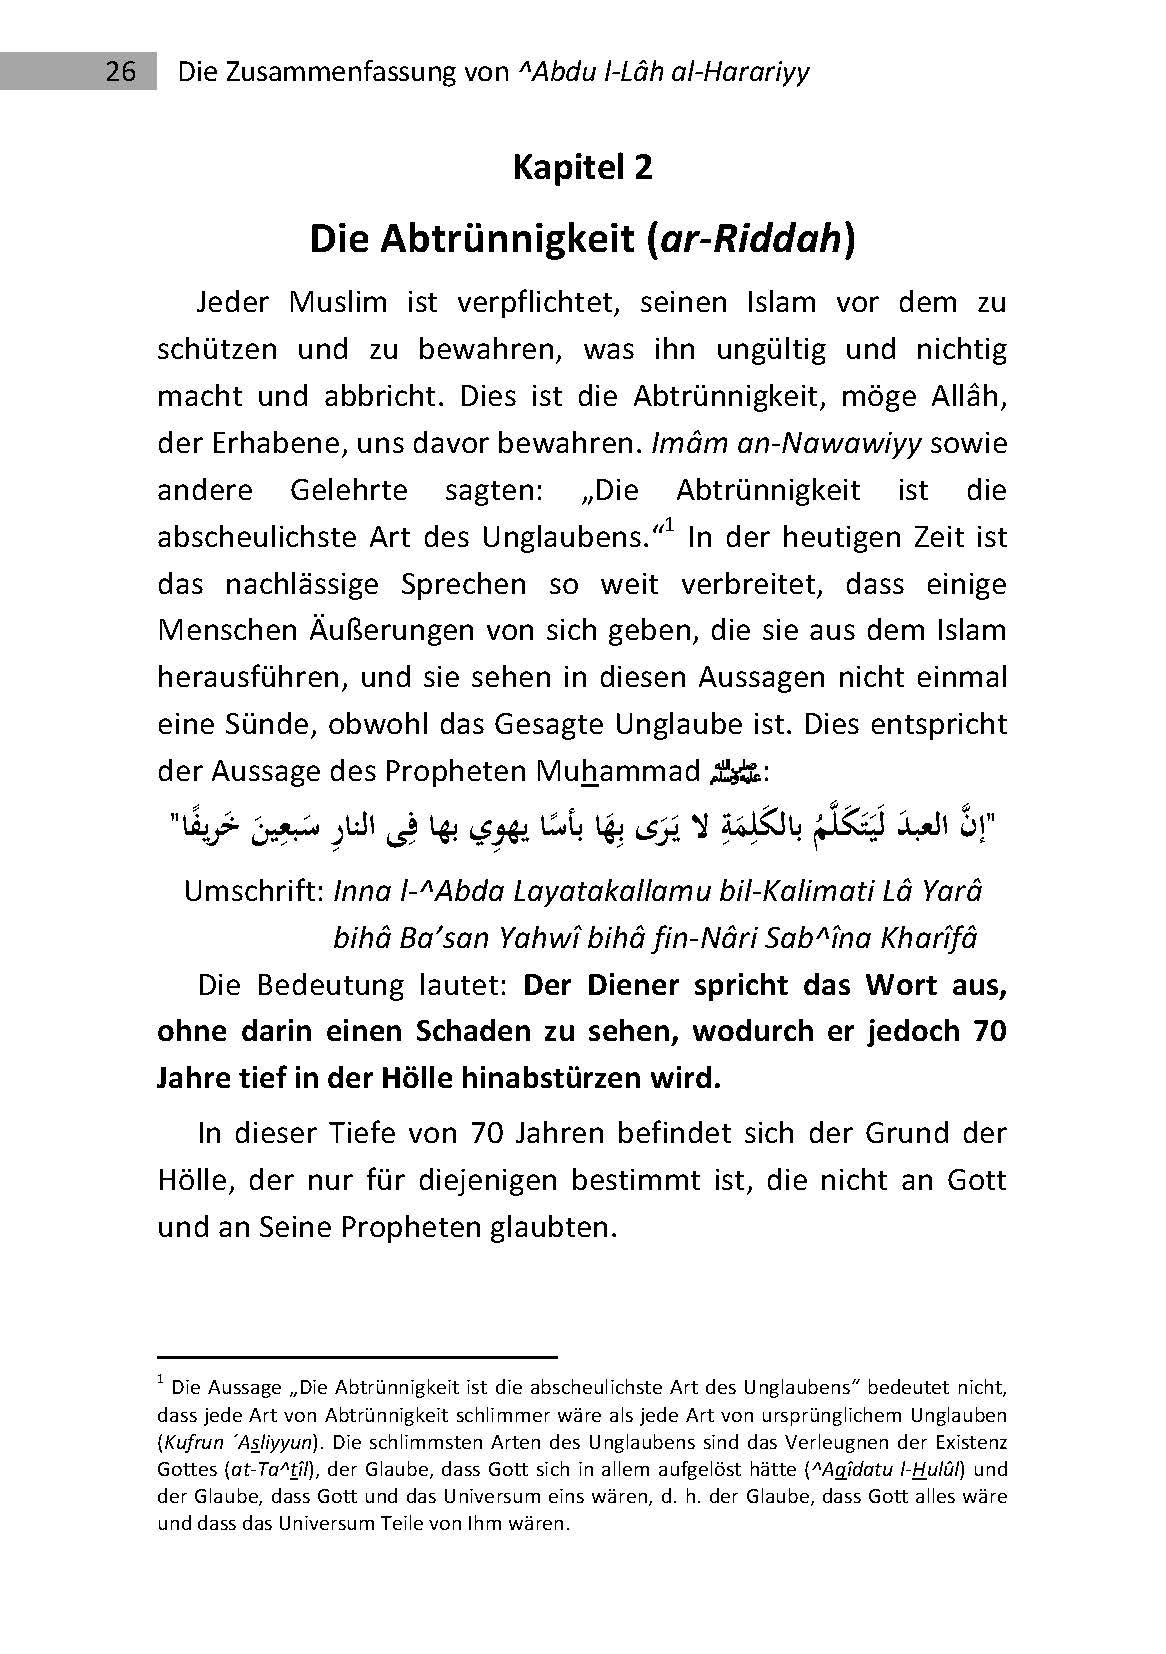 Die Zusammenfassung - 3. Auflage 2014_Seite_26